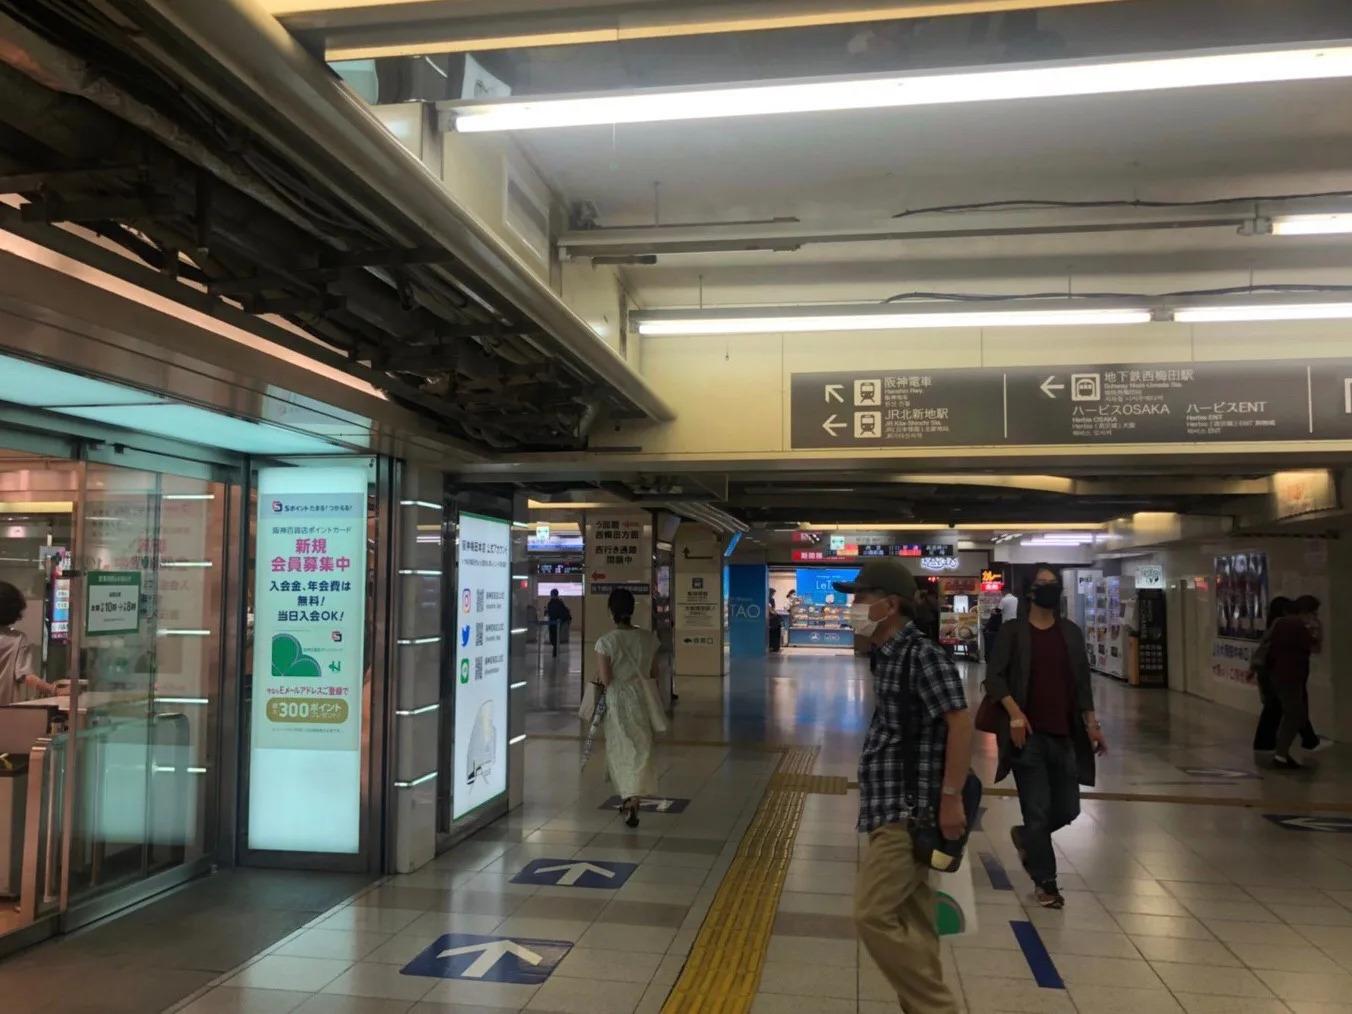 ⑥地下鉄御堂筋駅の改札前を通過し阪神百貨店に向かって直進します。